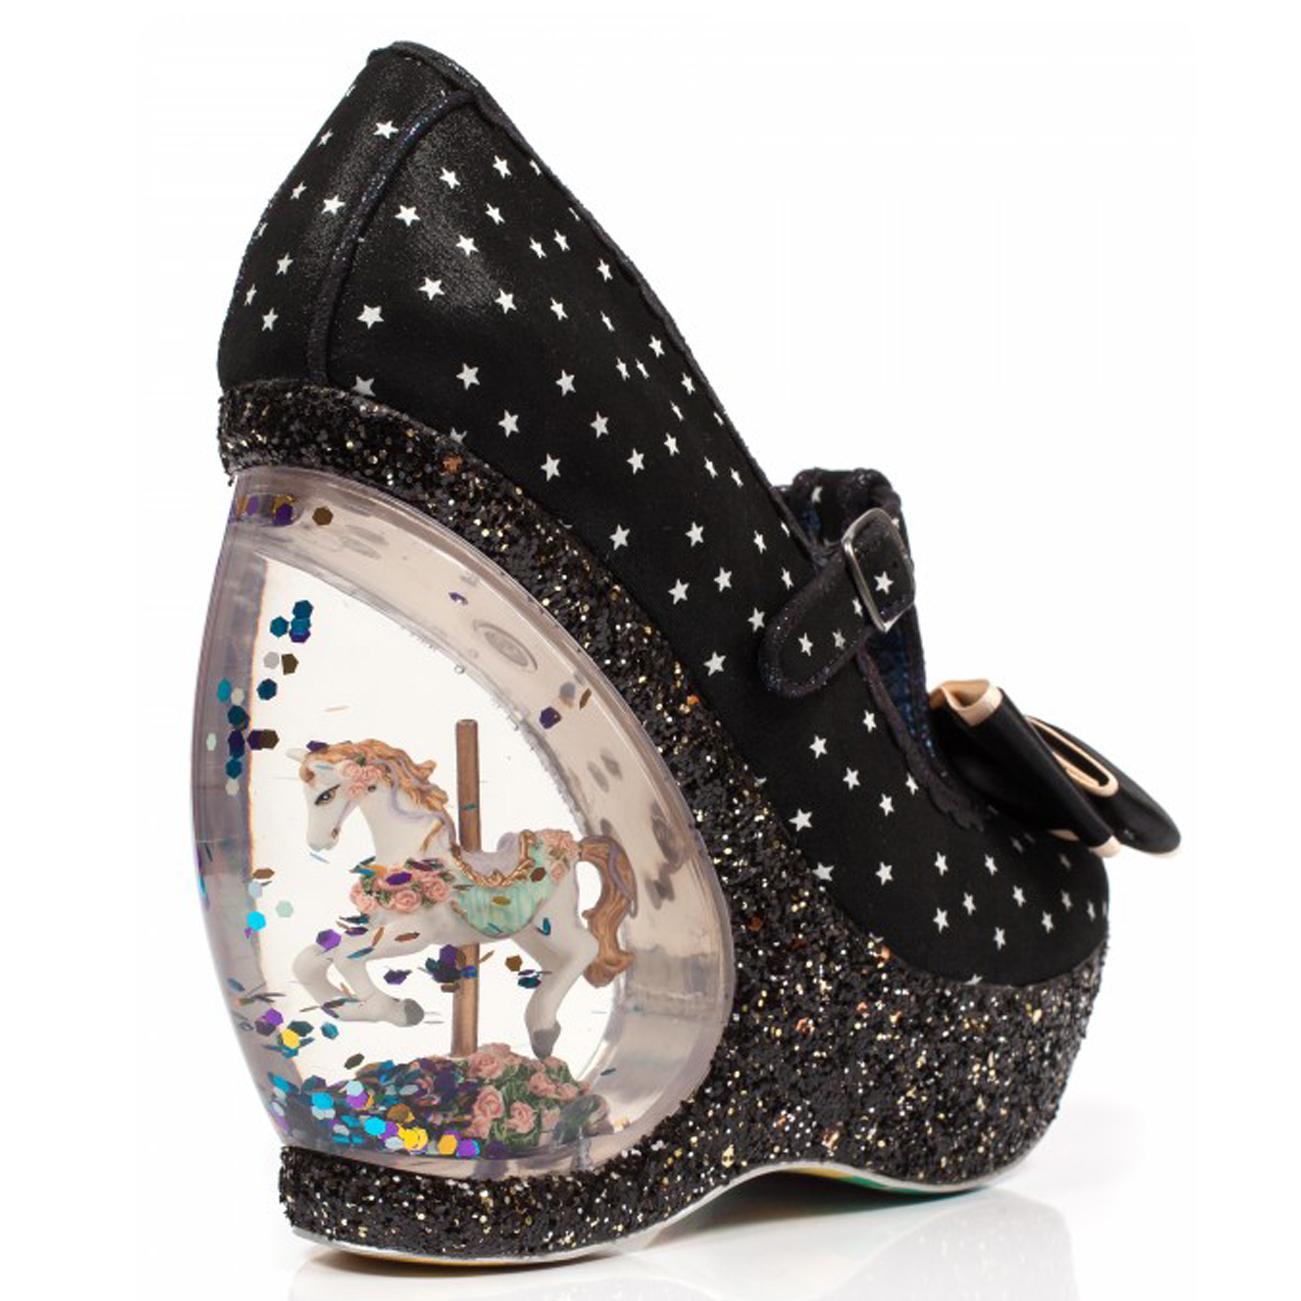 Mujer Irregular Choice Castaño Plataforma Brillo Cuñas Cuñas Cuñas carrusel Zapatos EE. UU. 5.5-11 df3498